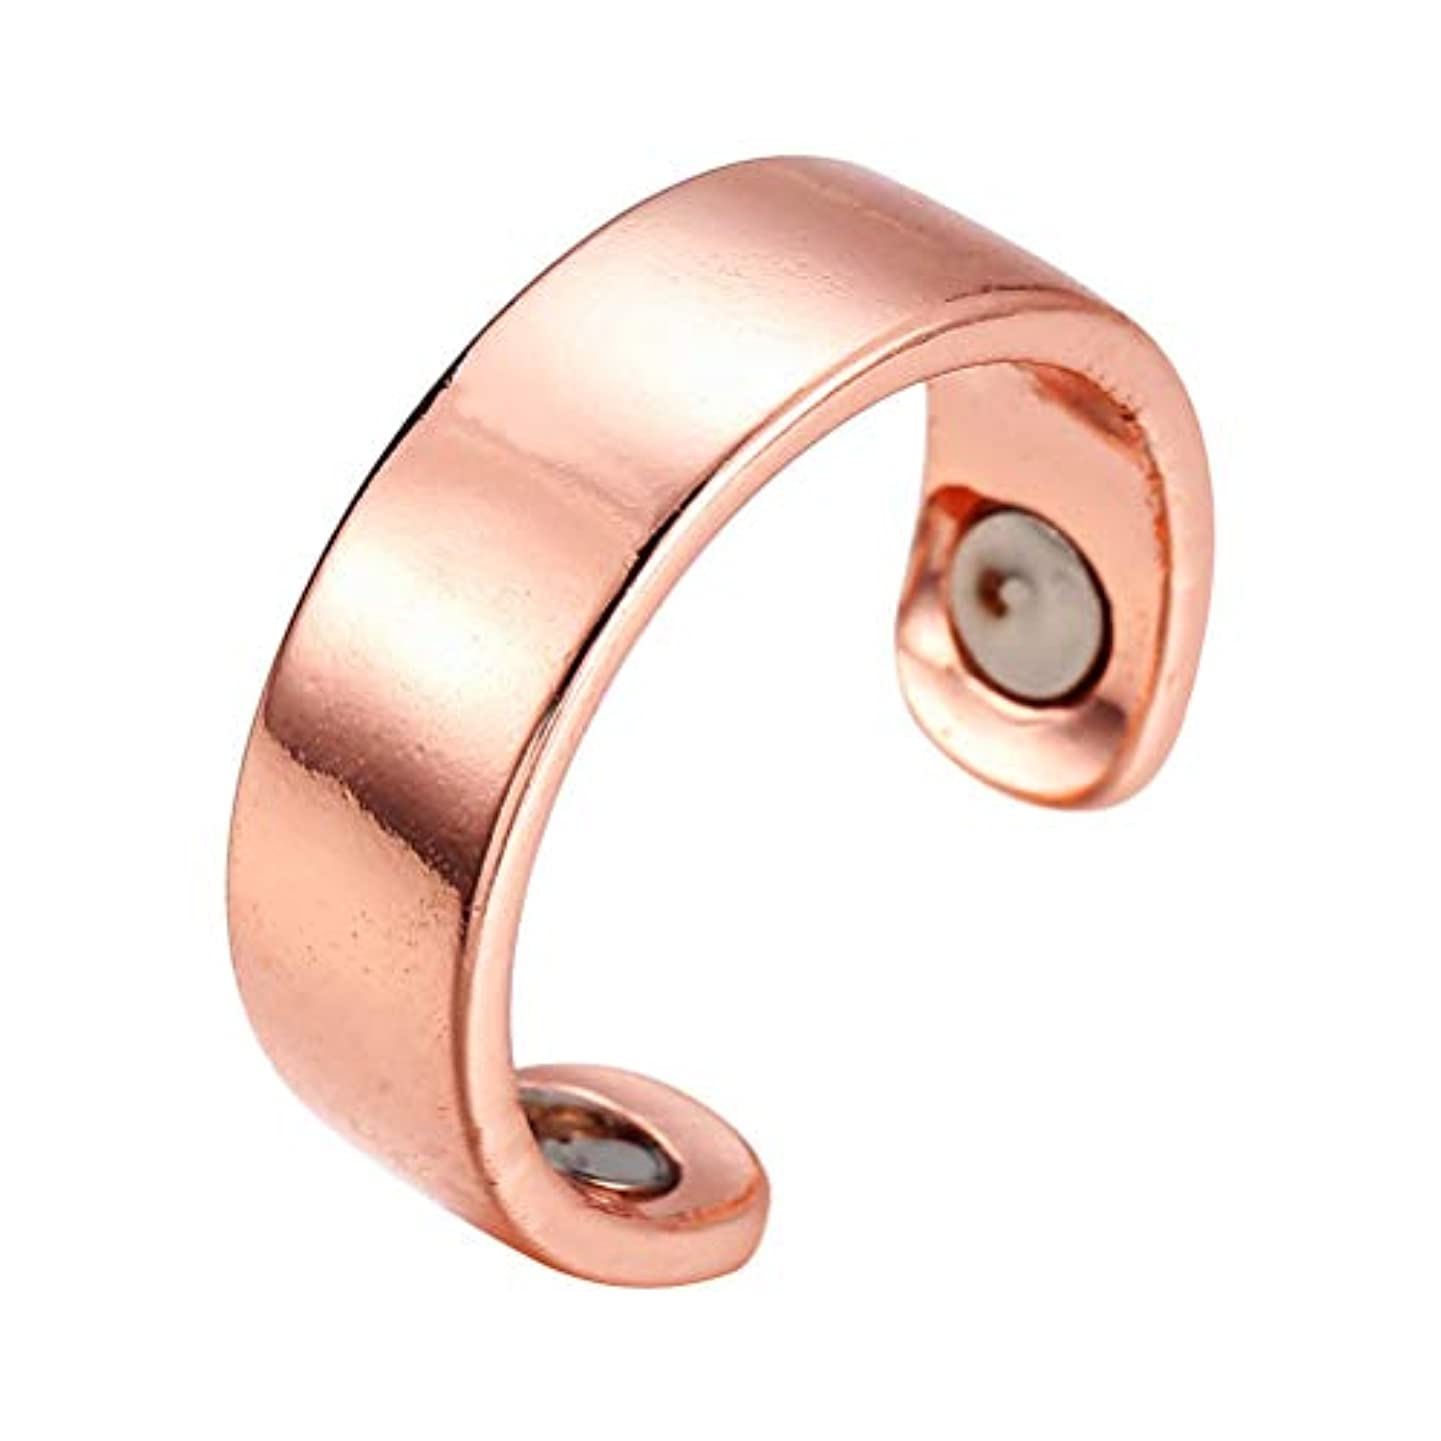 自信があるリレーミリメートルHEALIFTY 指圧マッサージ指輪防止いびきリング息切れ指圧治療ヘルスケア磁気療法健康的な睡眠リング開環(釉、ローズゴールデン)